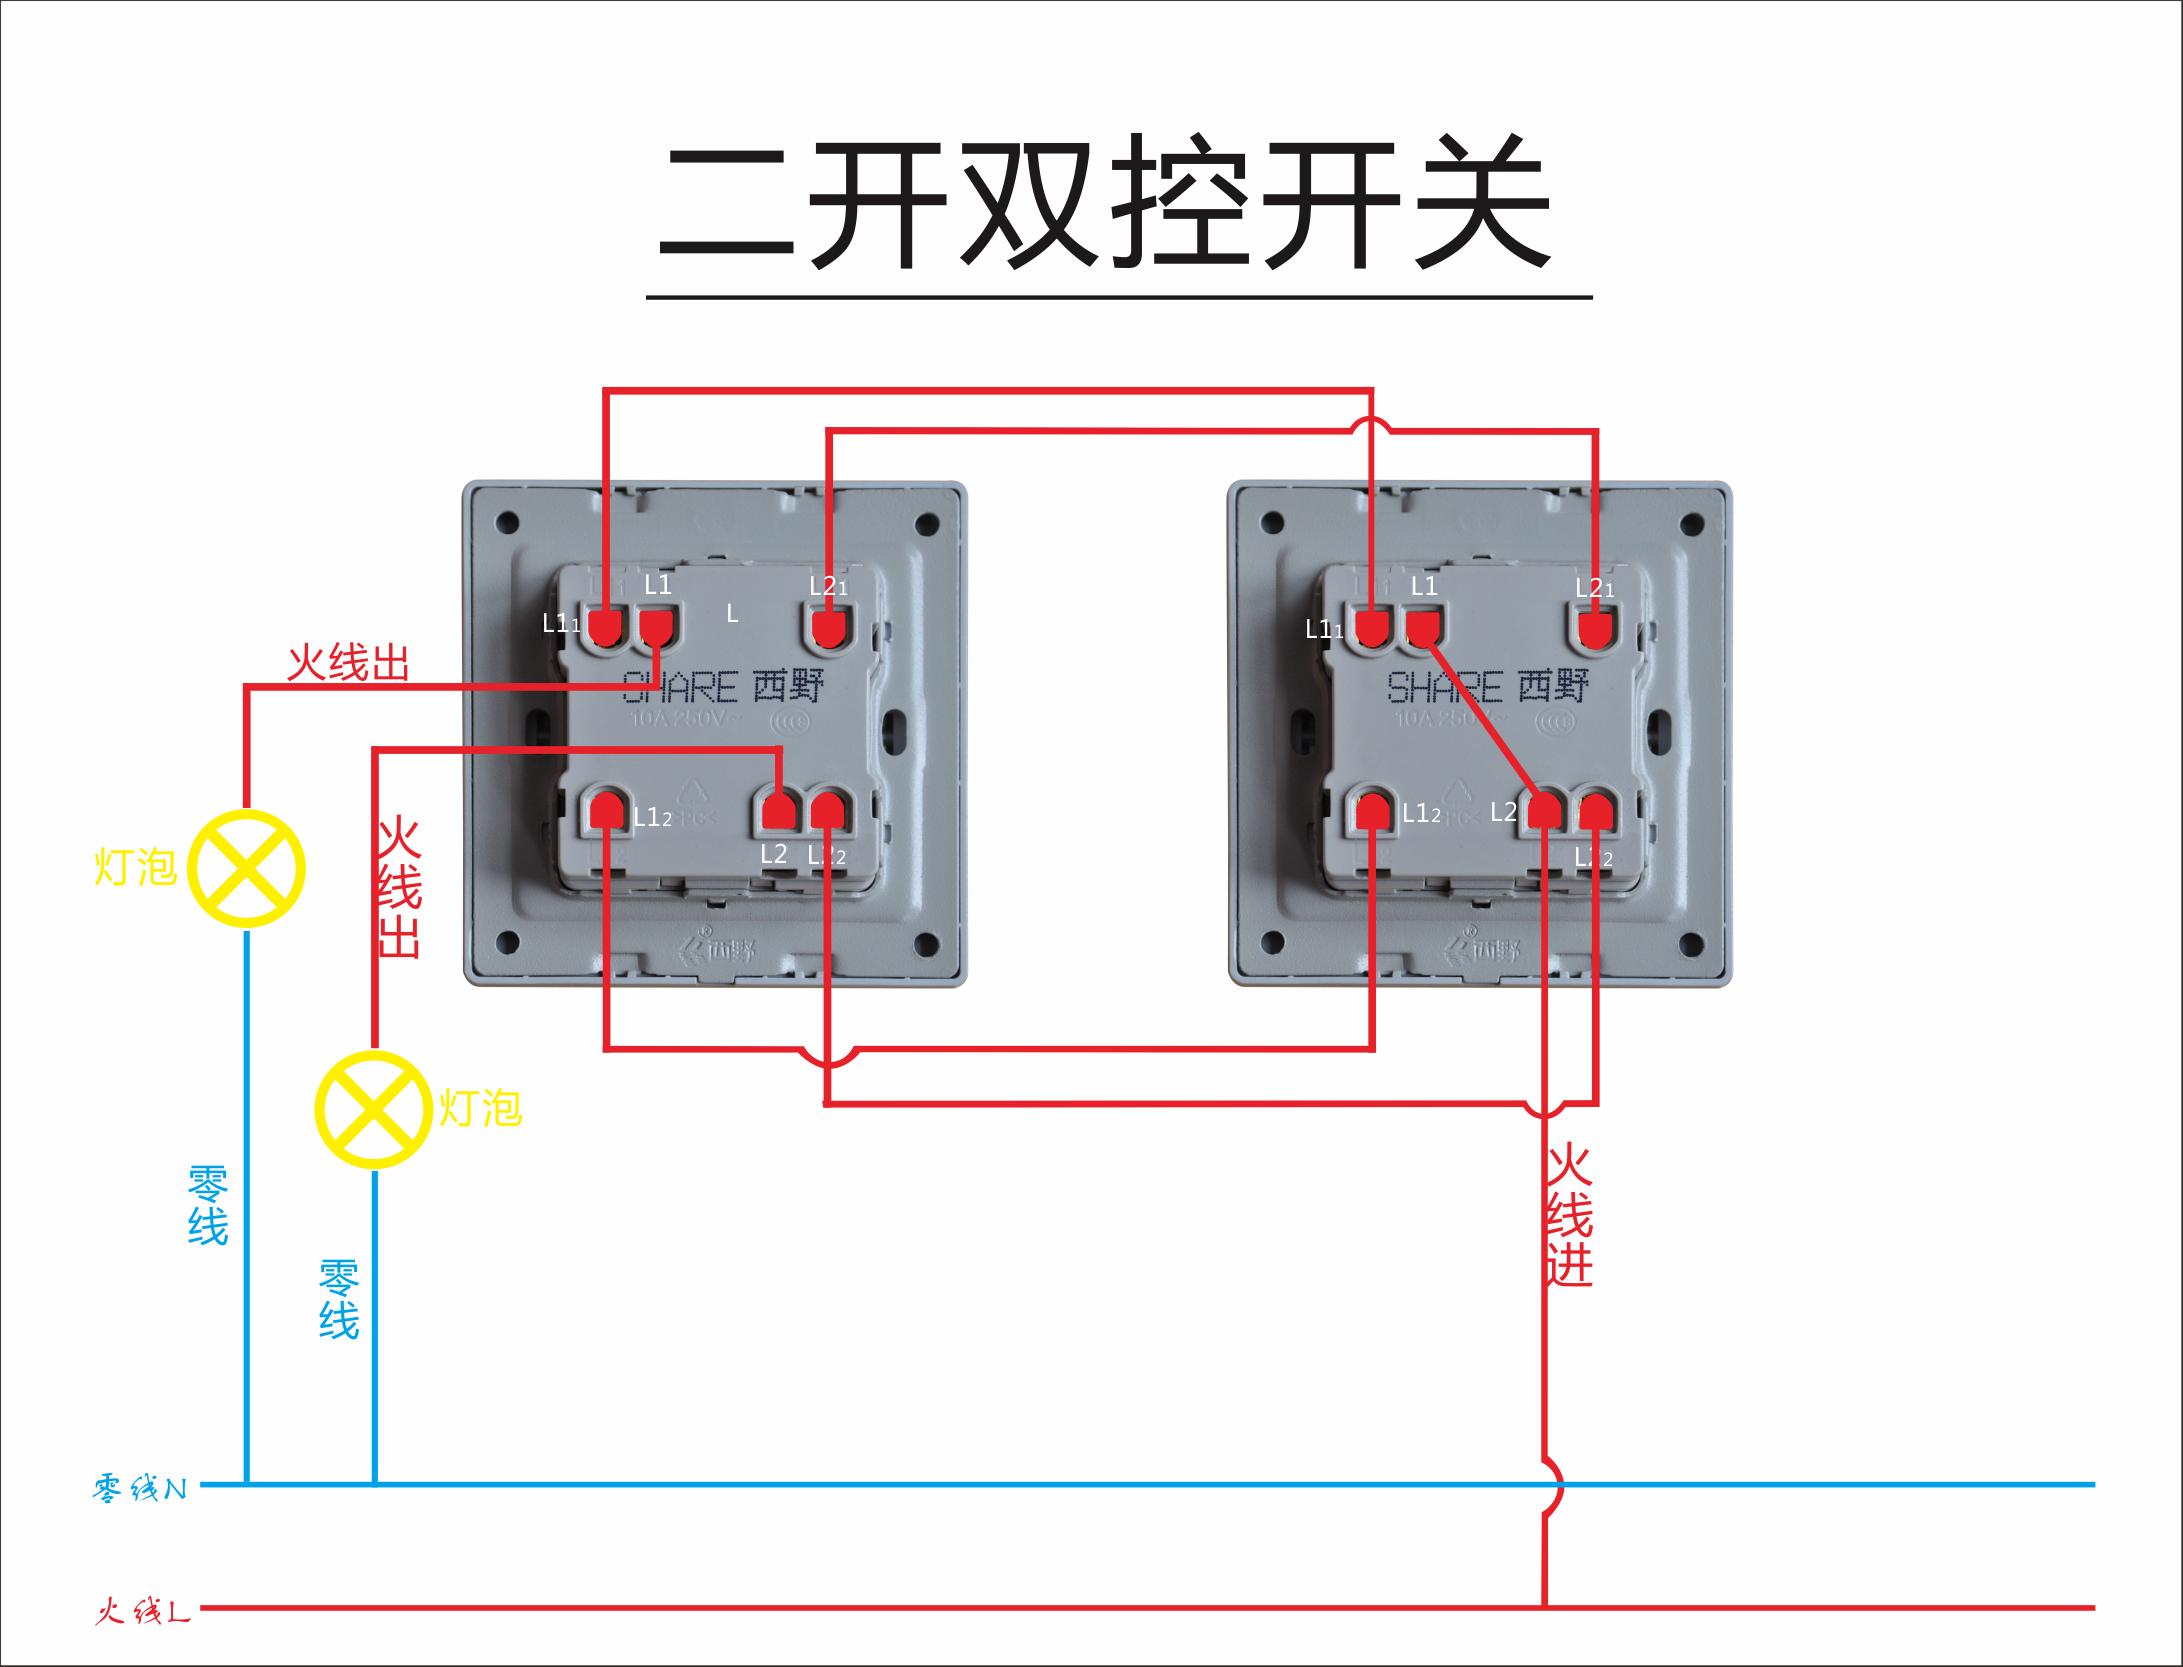 双开双控开关接线图 两个开关可以同时控制一盏灯的亮与灭 以上就是